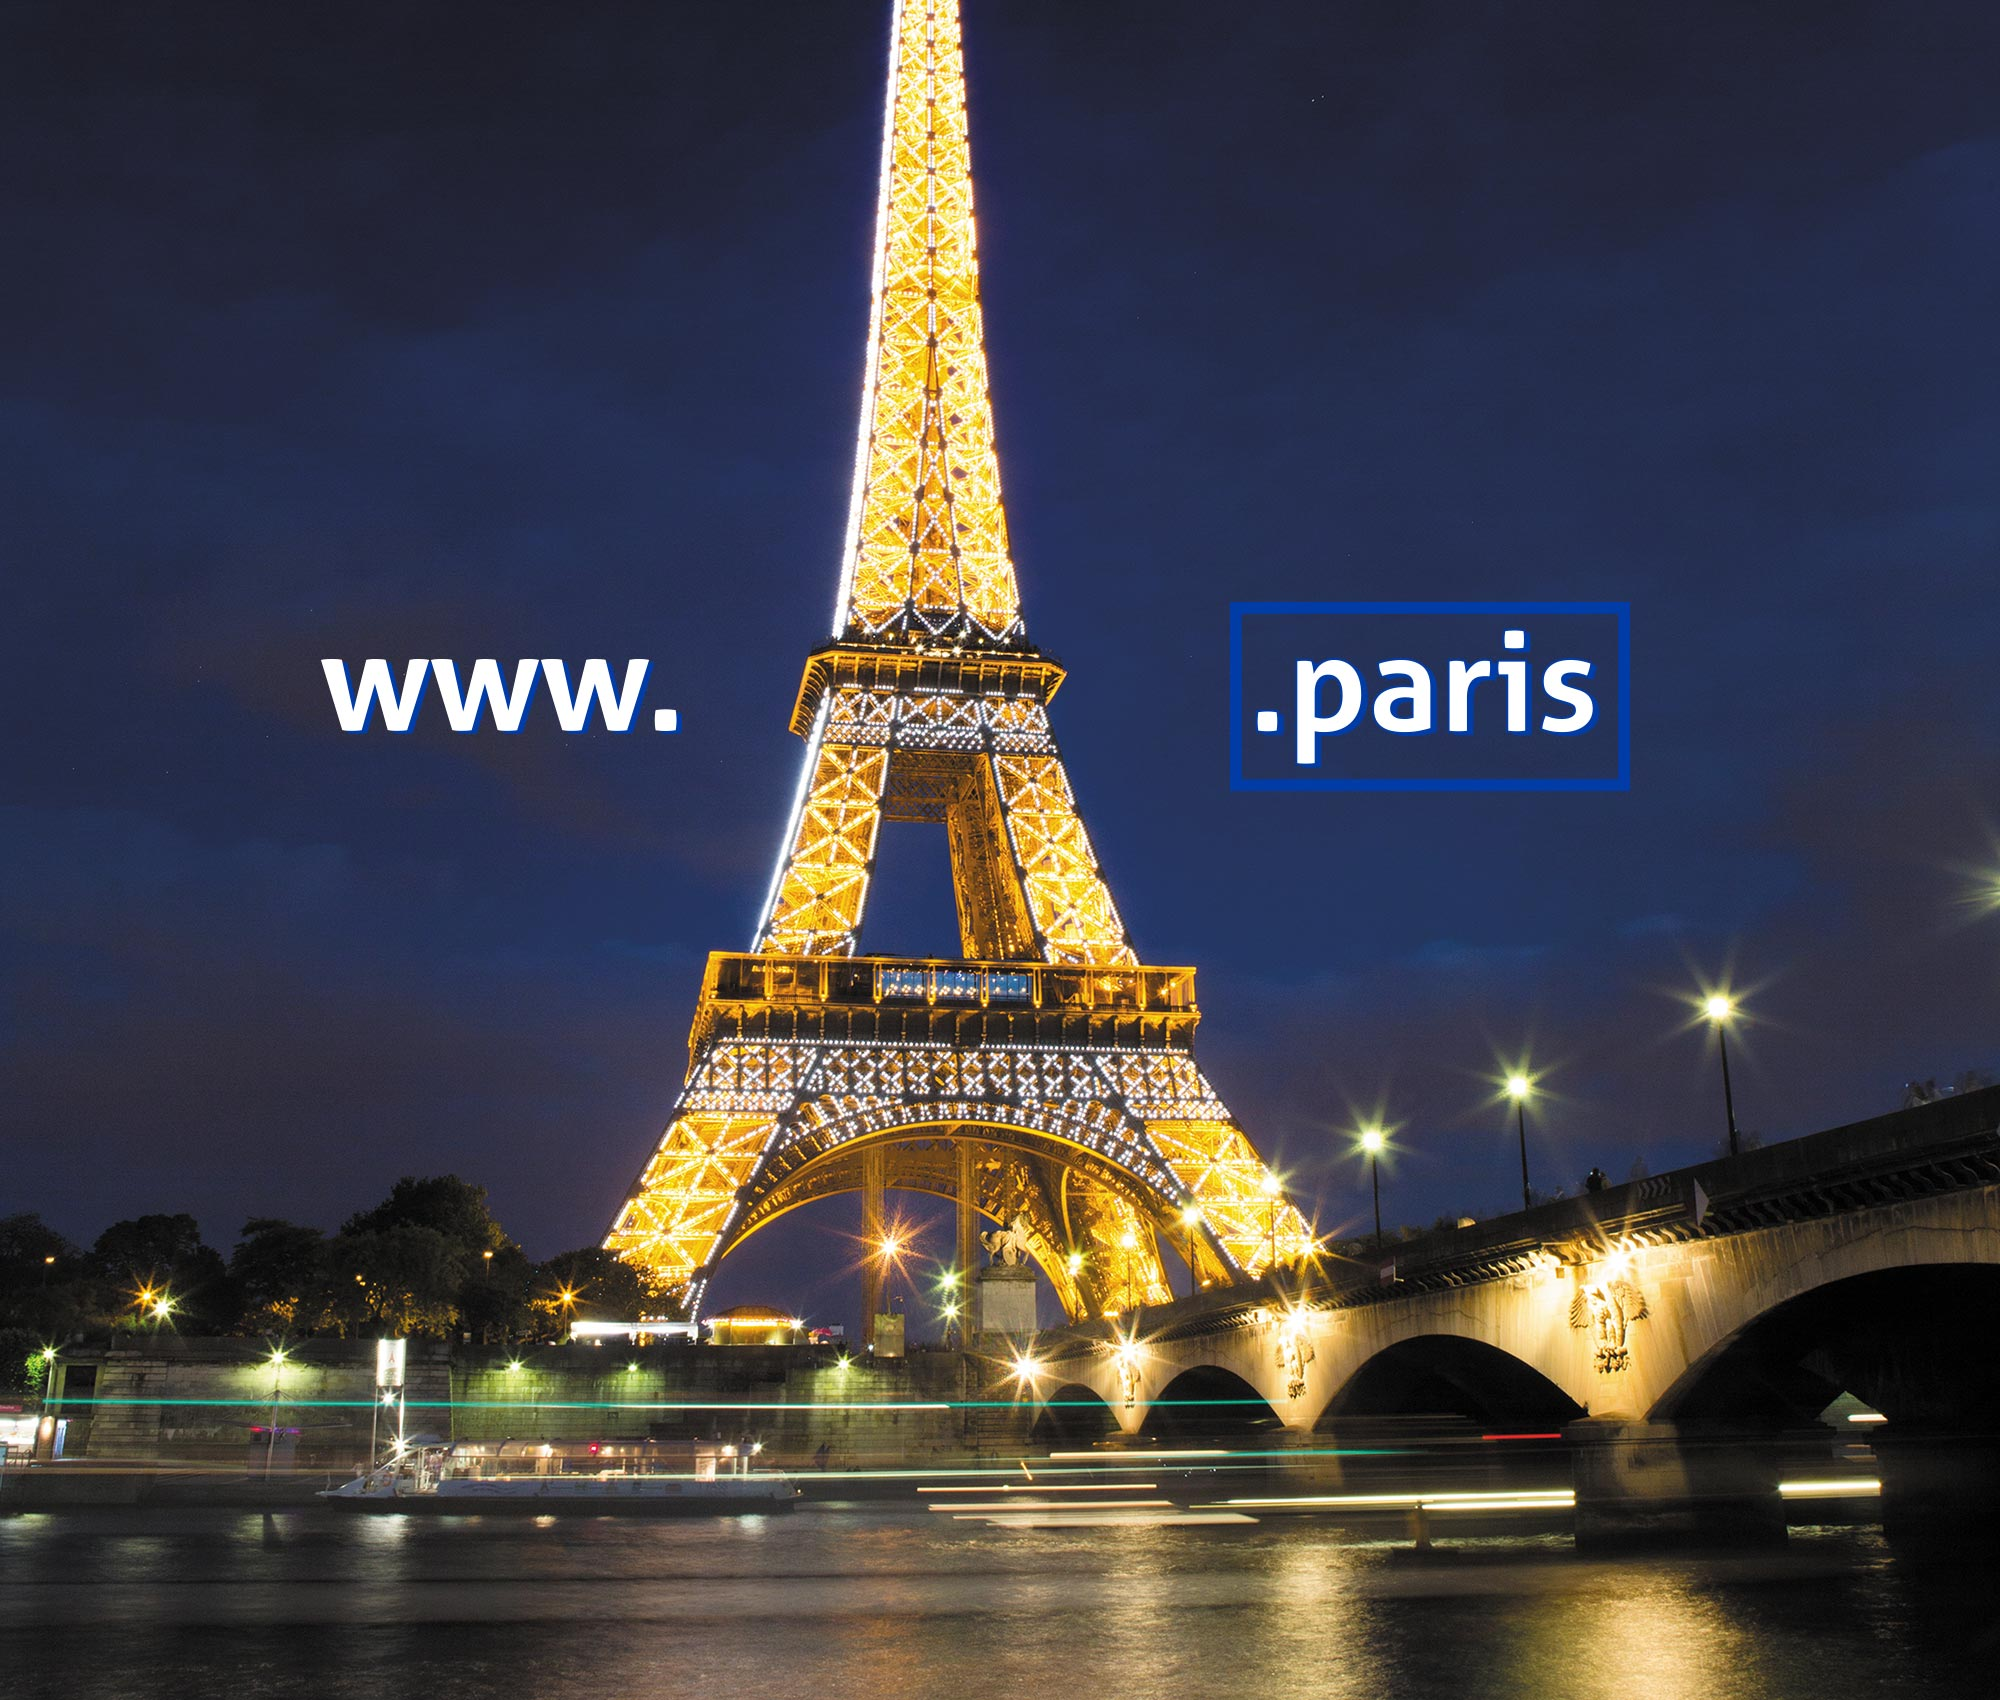 Paris Eiffel Tower image